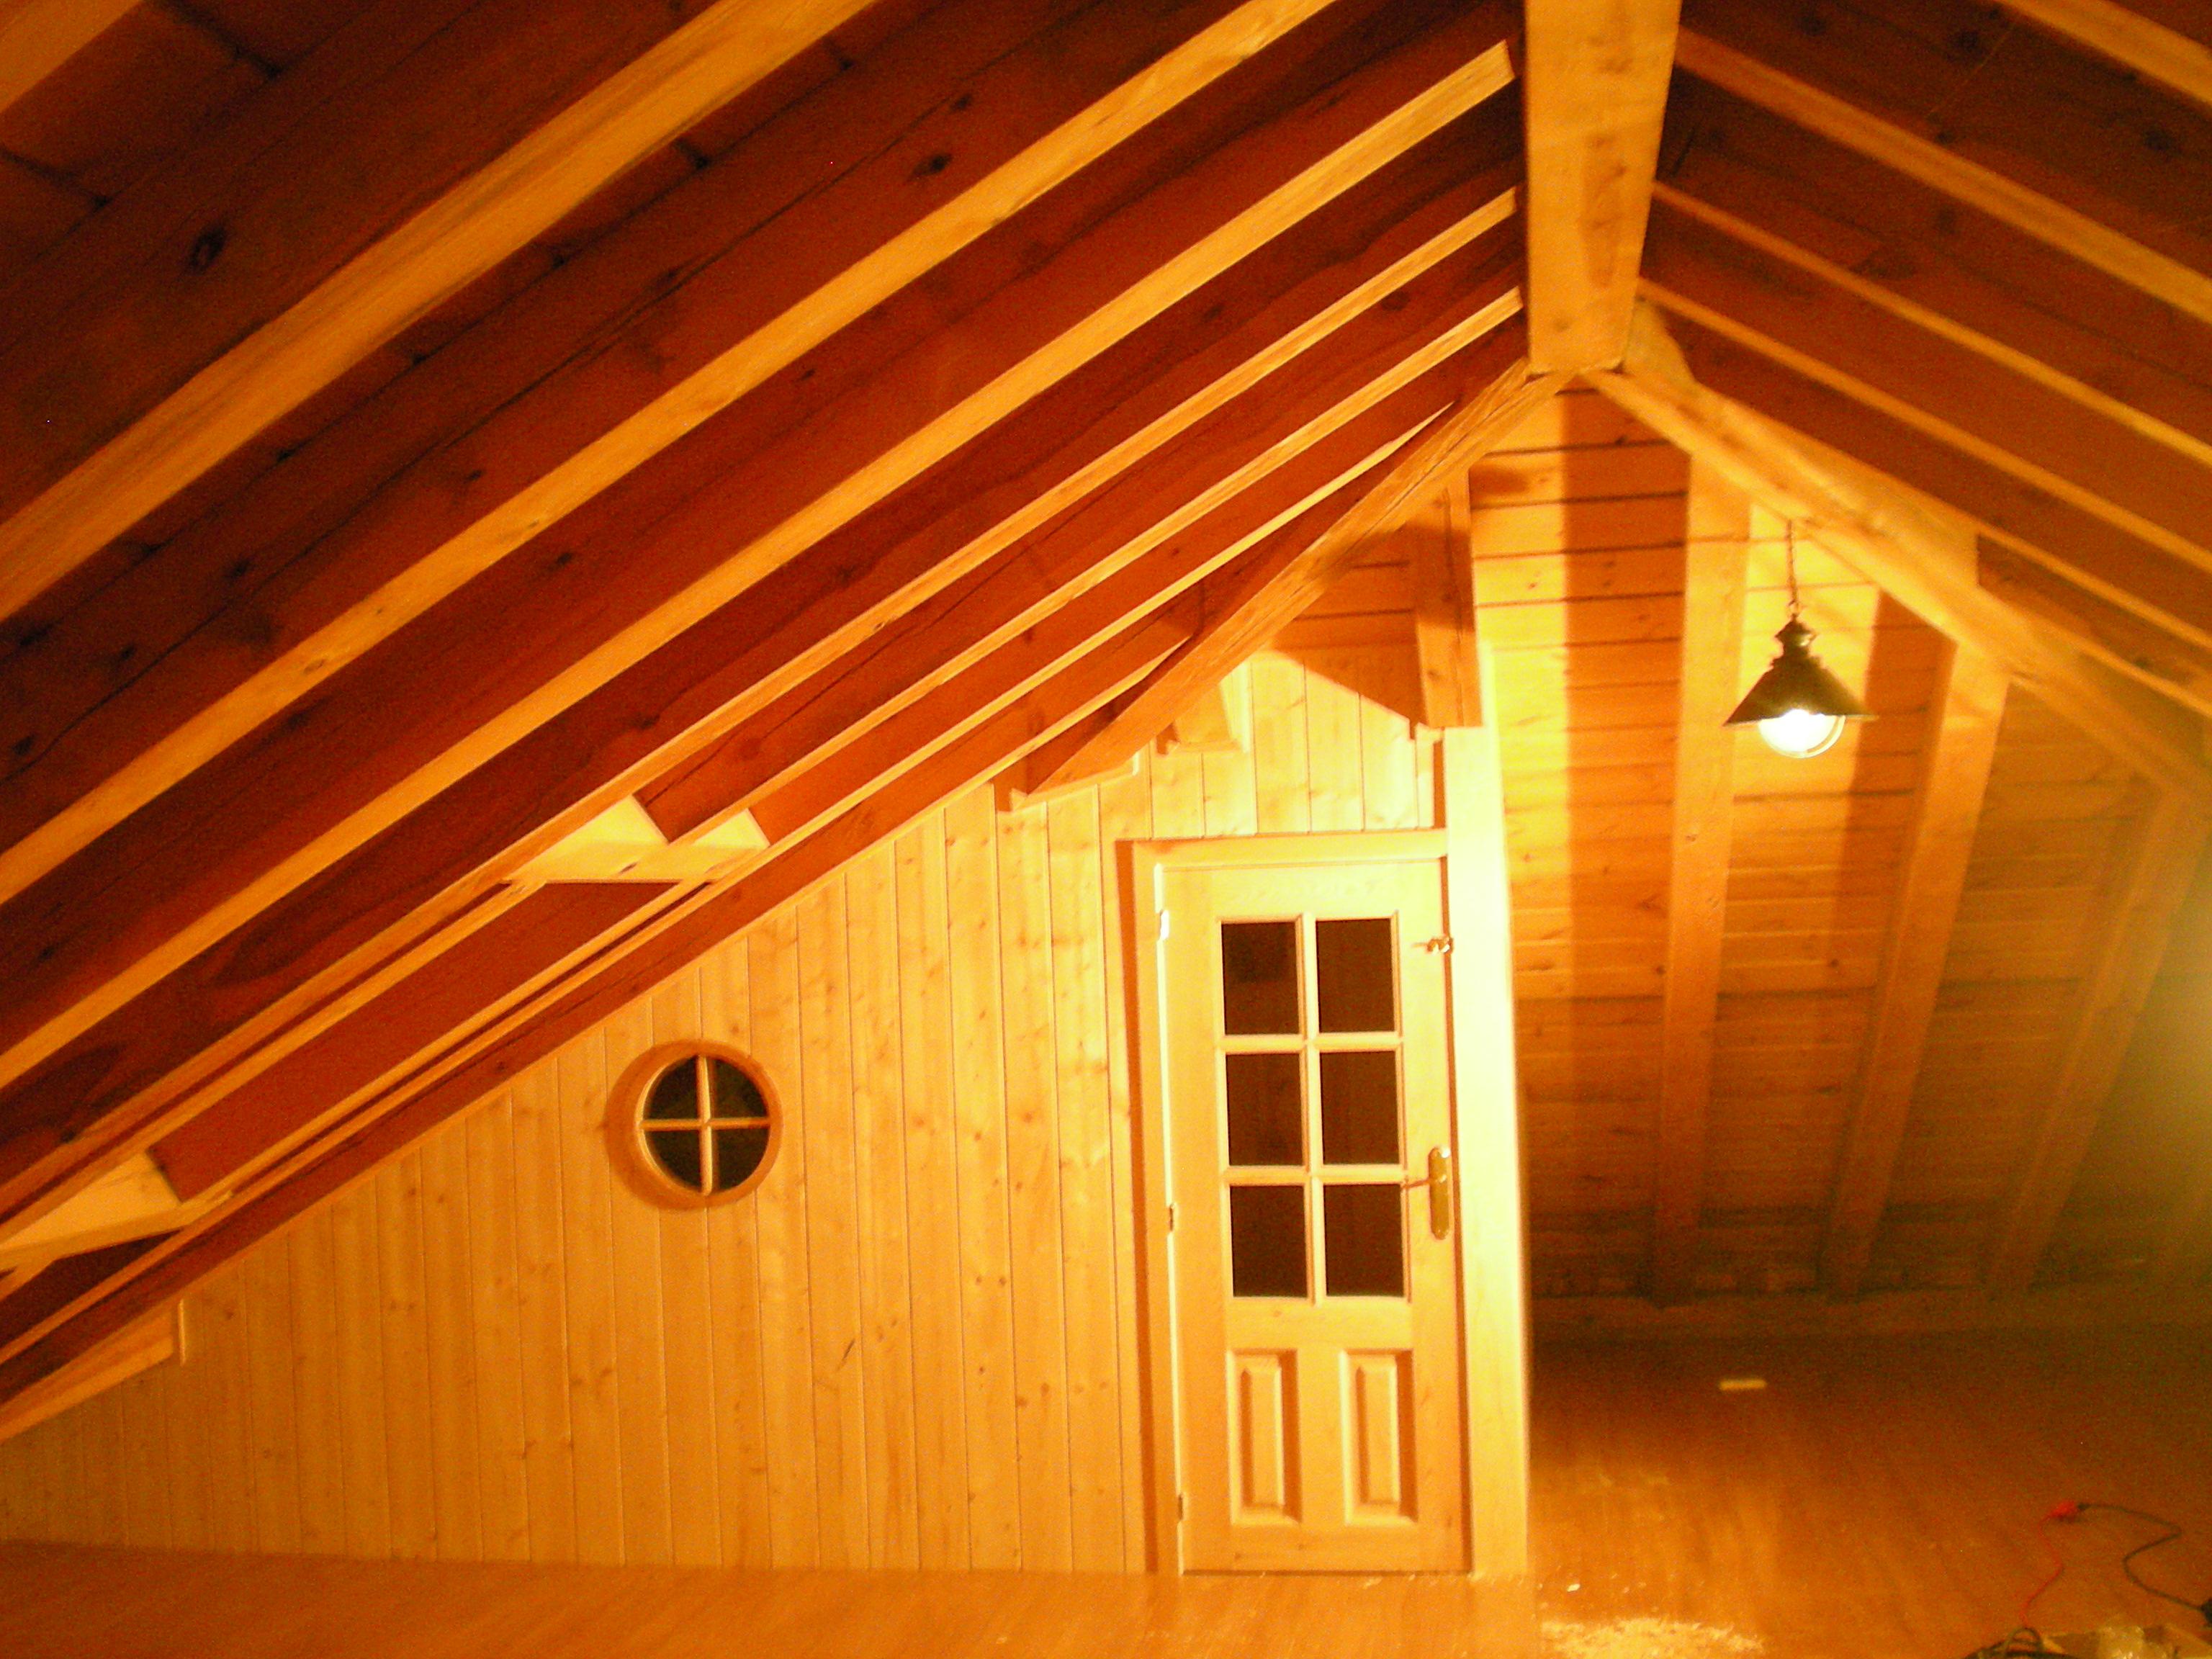 Falsos techos de madera techos decorativos tipos de - Falsos techos decorativos ...